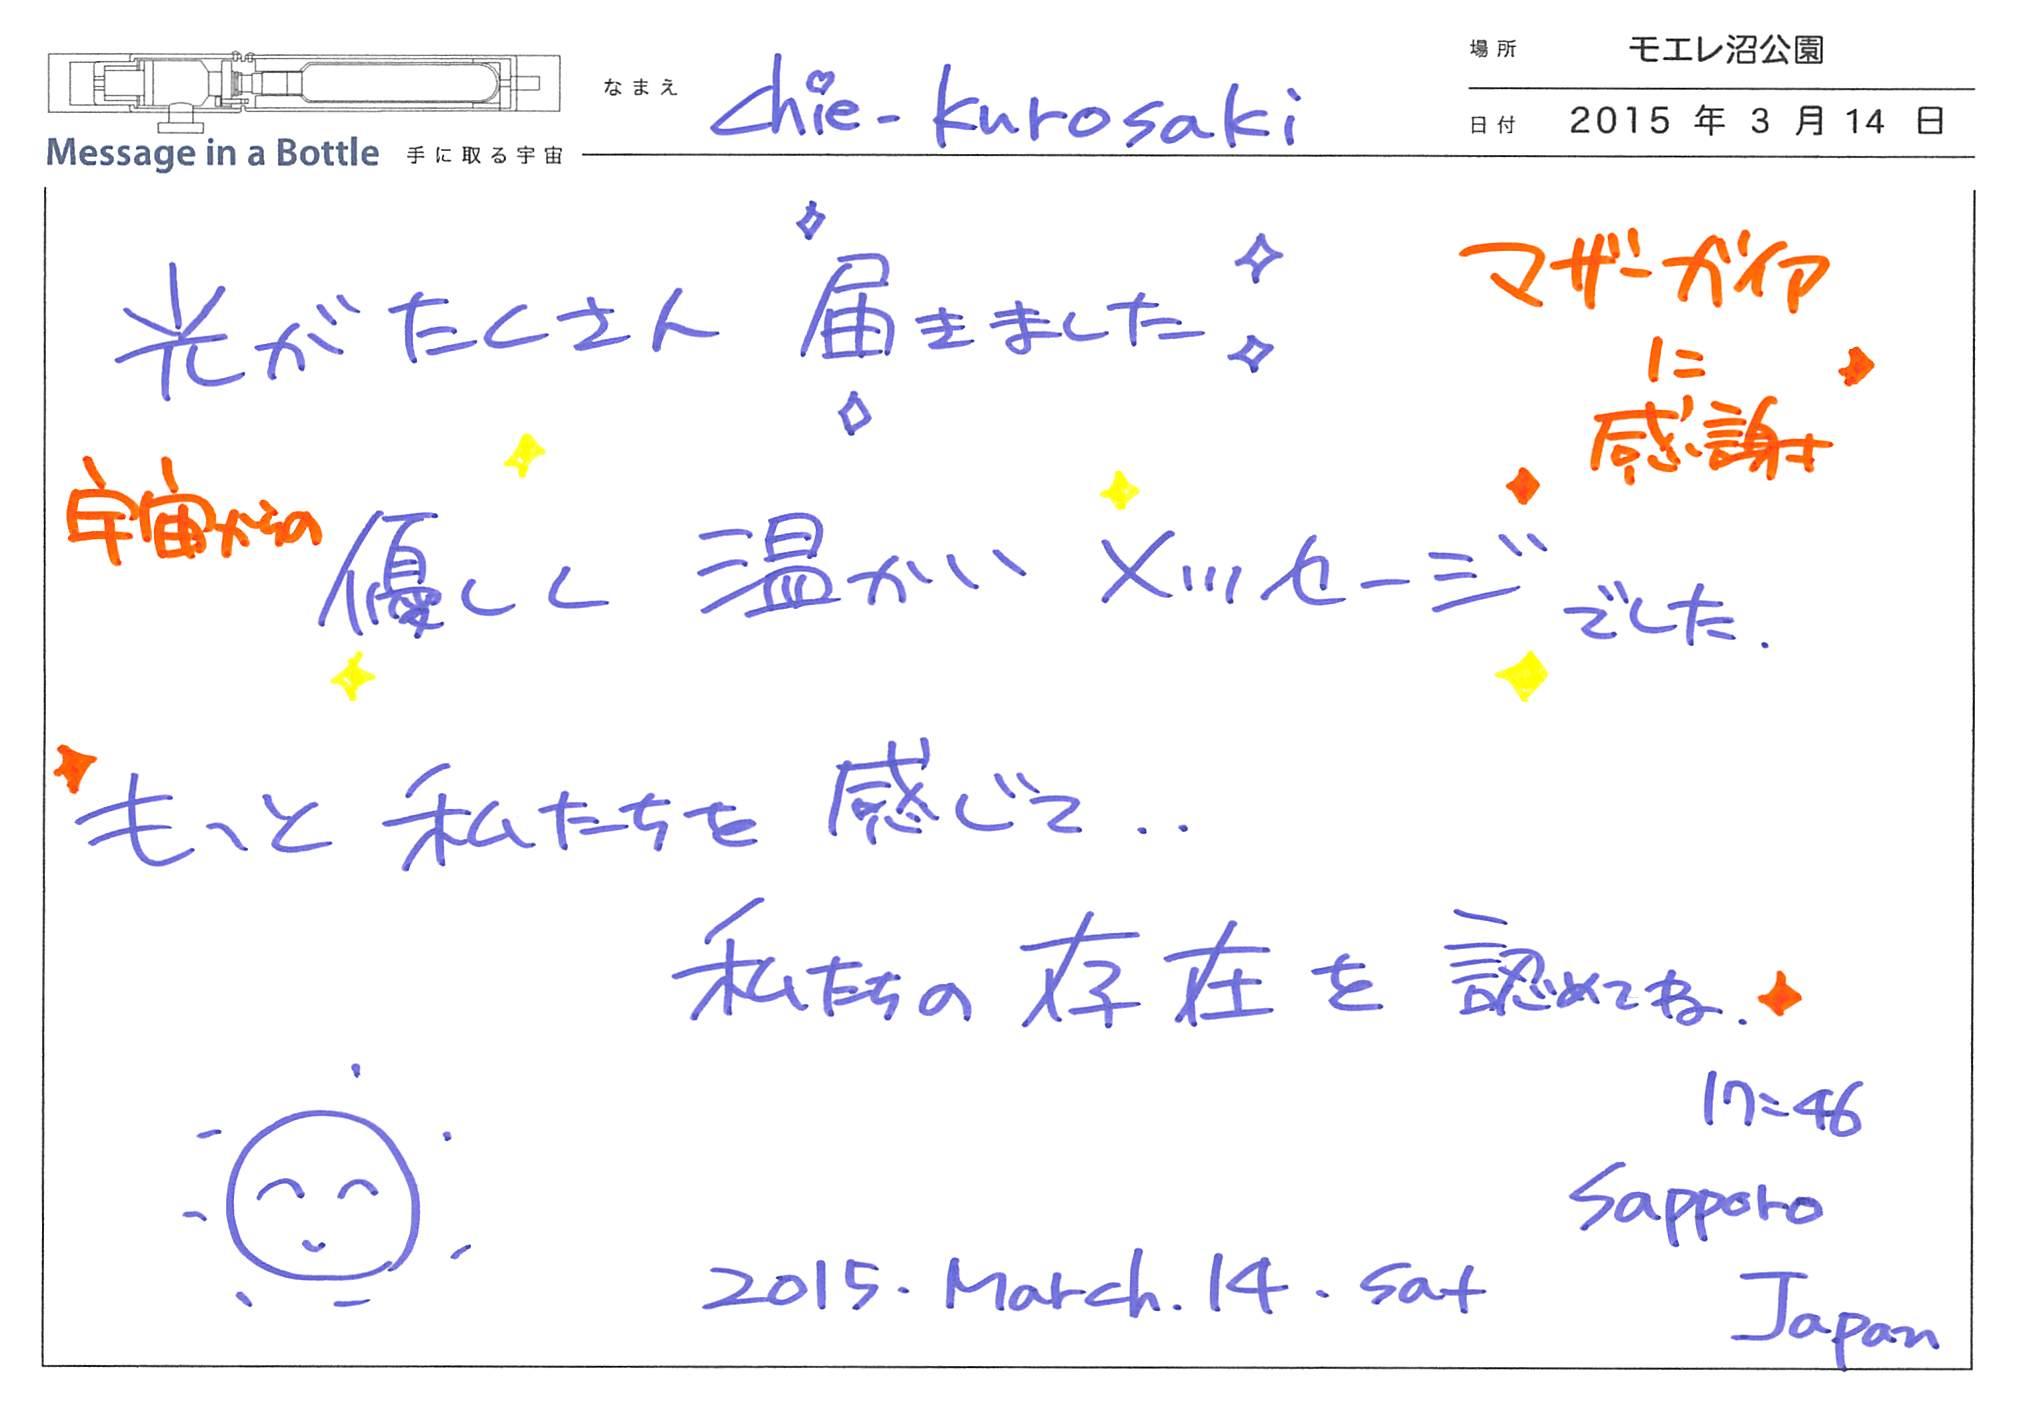 2015-03-14-18-06-26.jpg